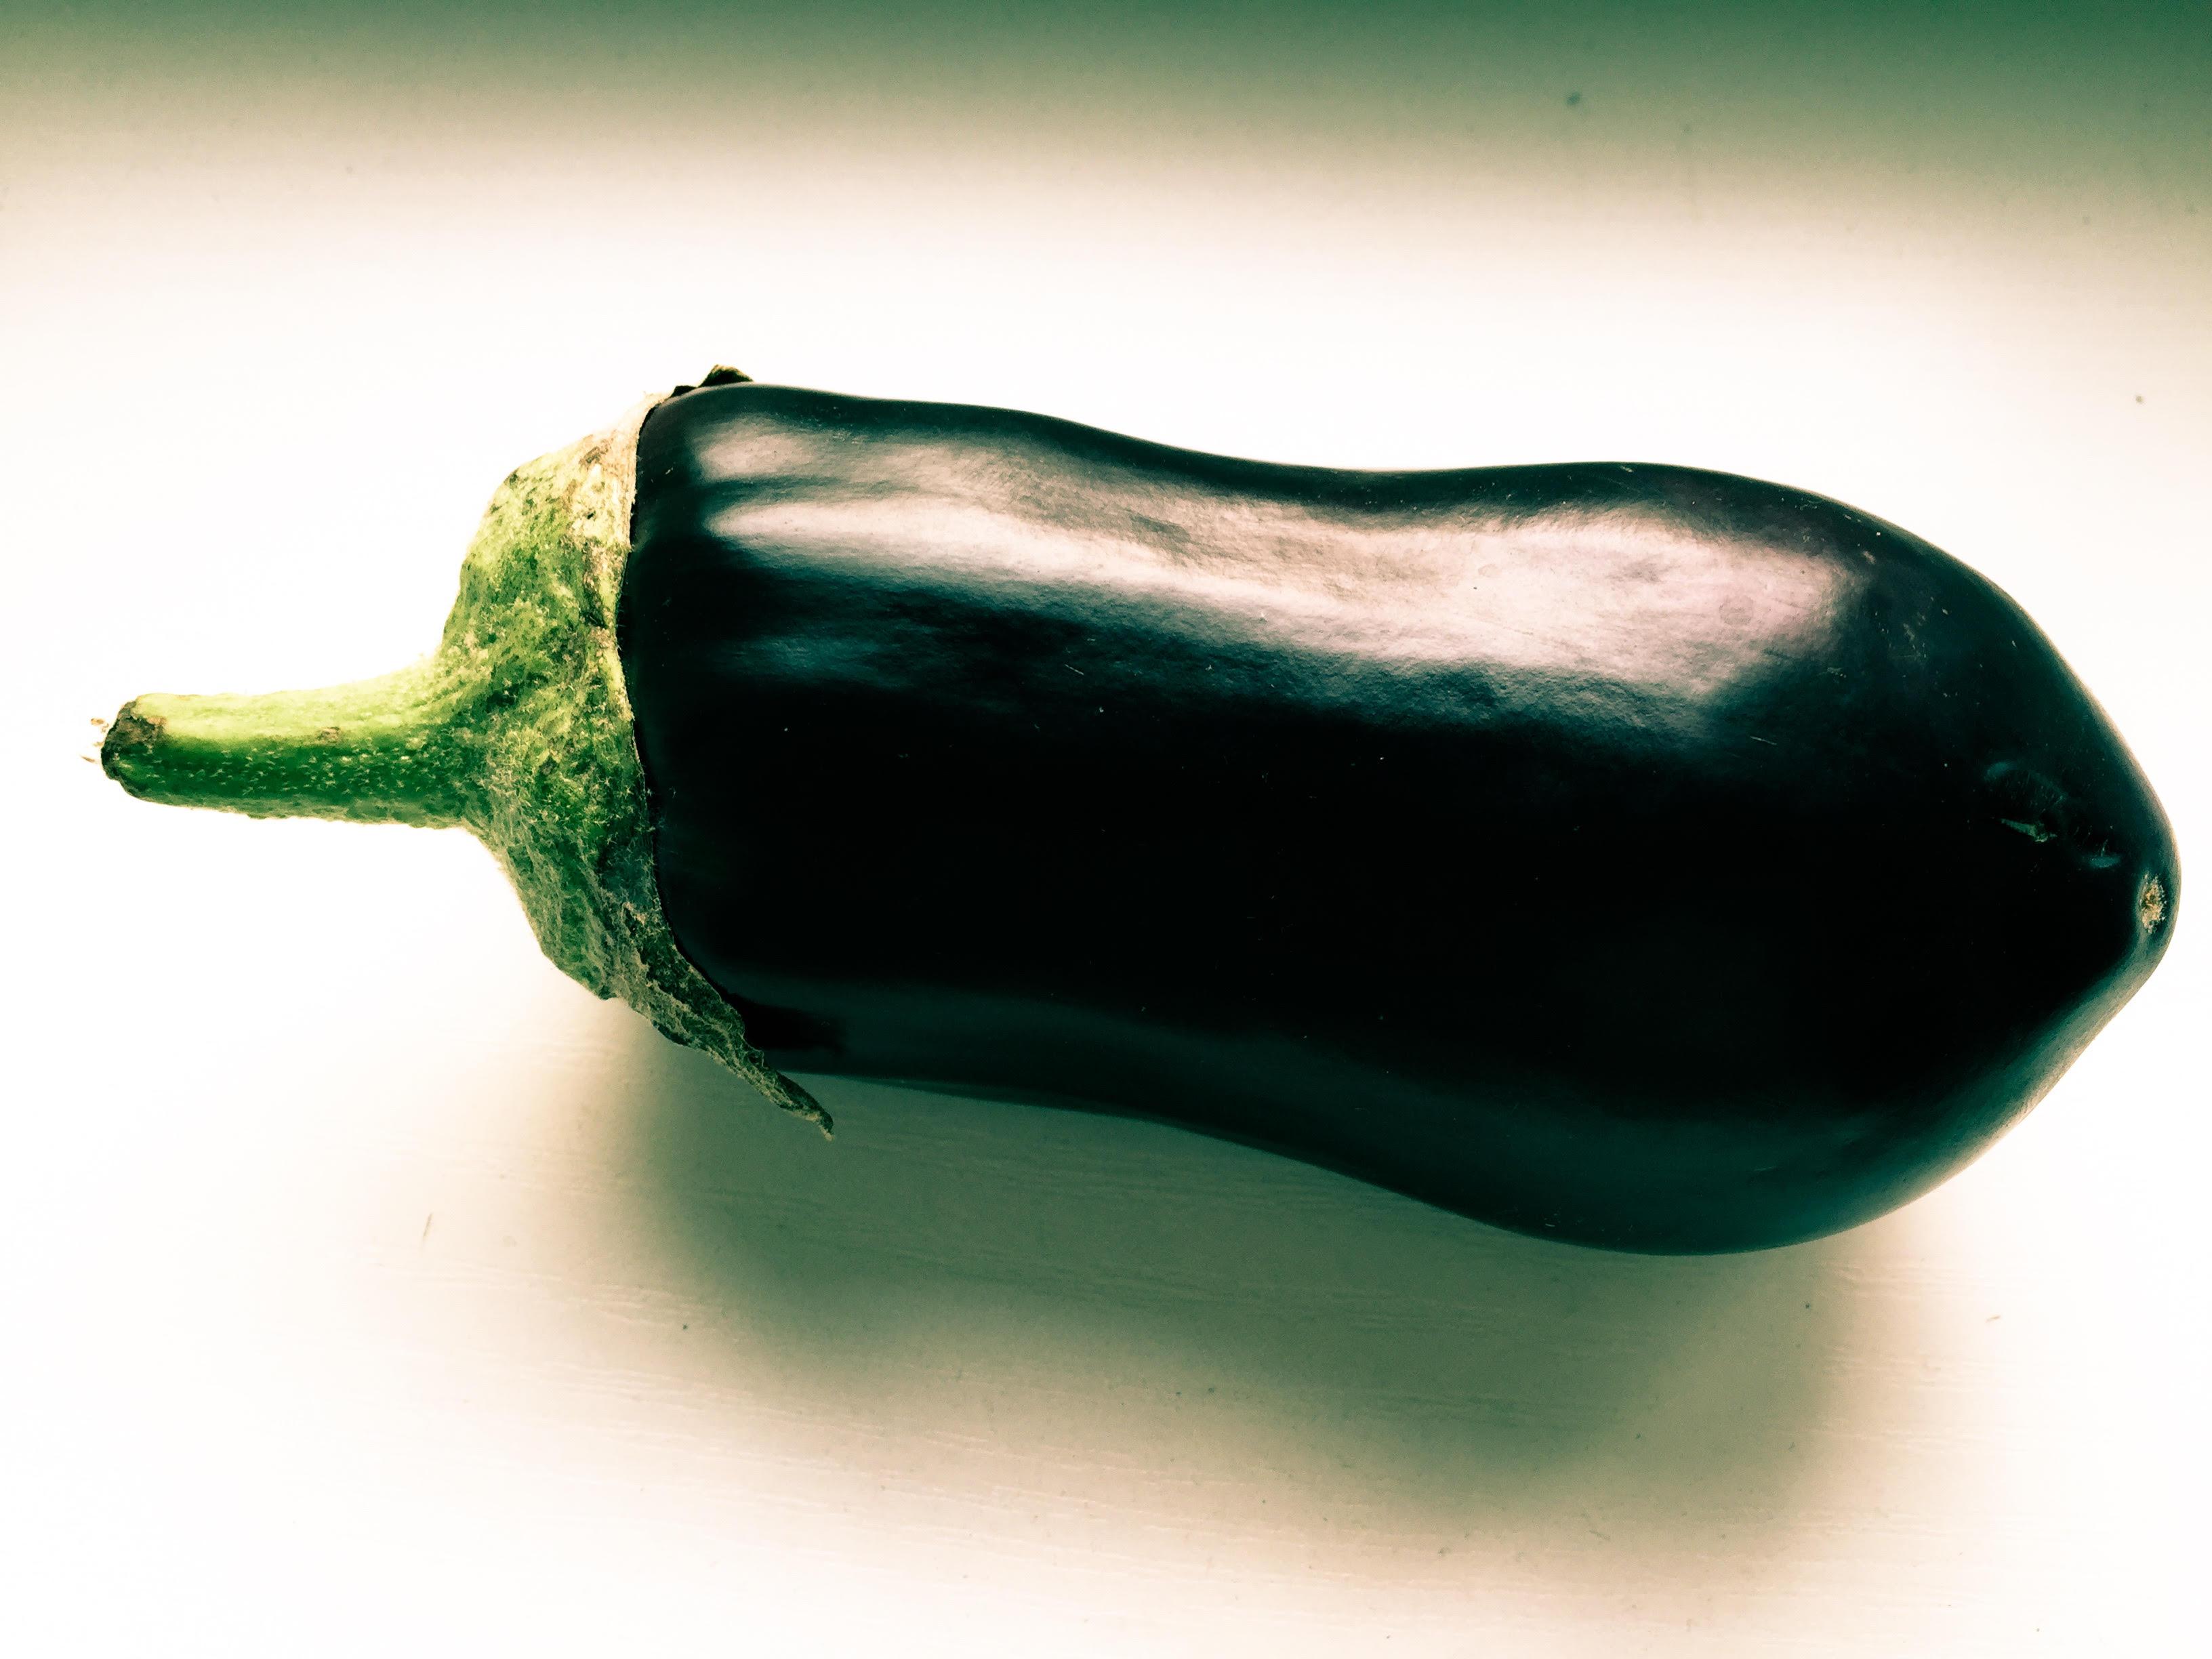 Auberginen gehören zu den Gemüsen mit heftigen Preisschwankungen